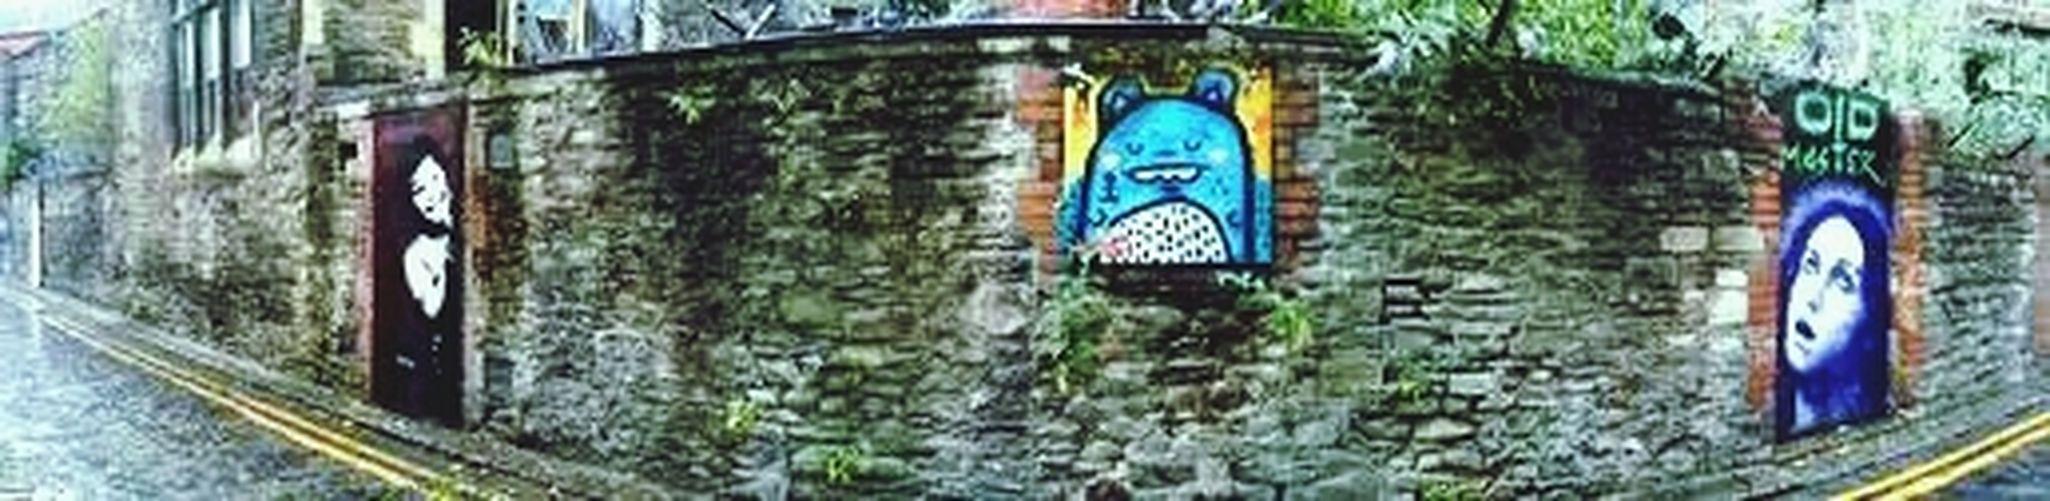 Streetart Graffiti Stencil Art